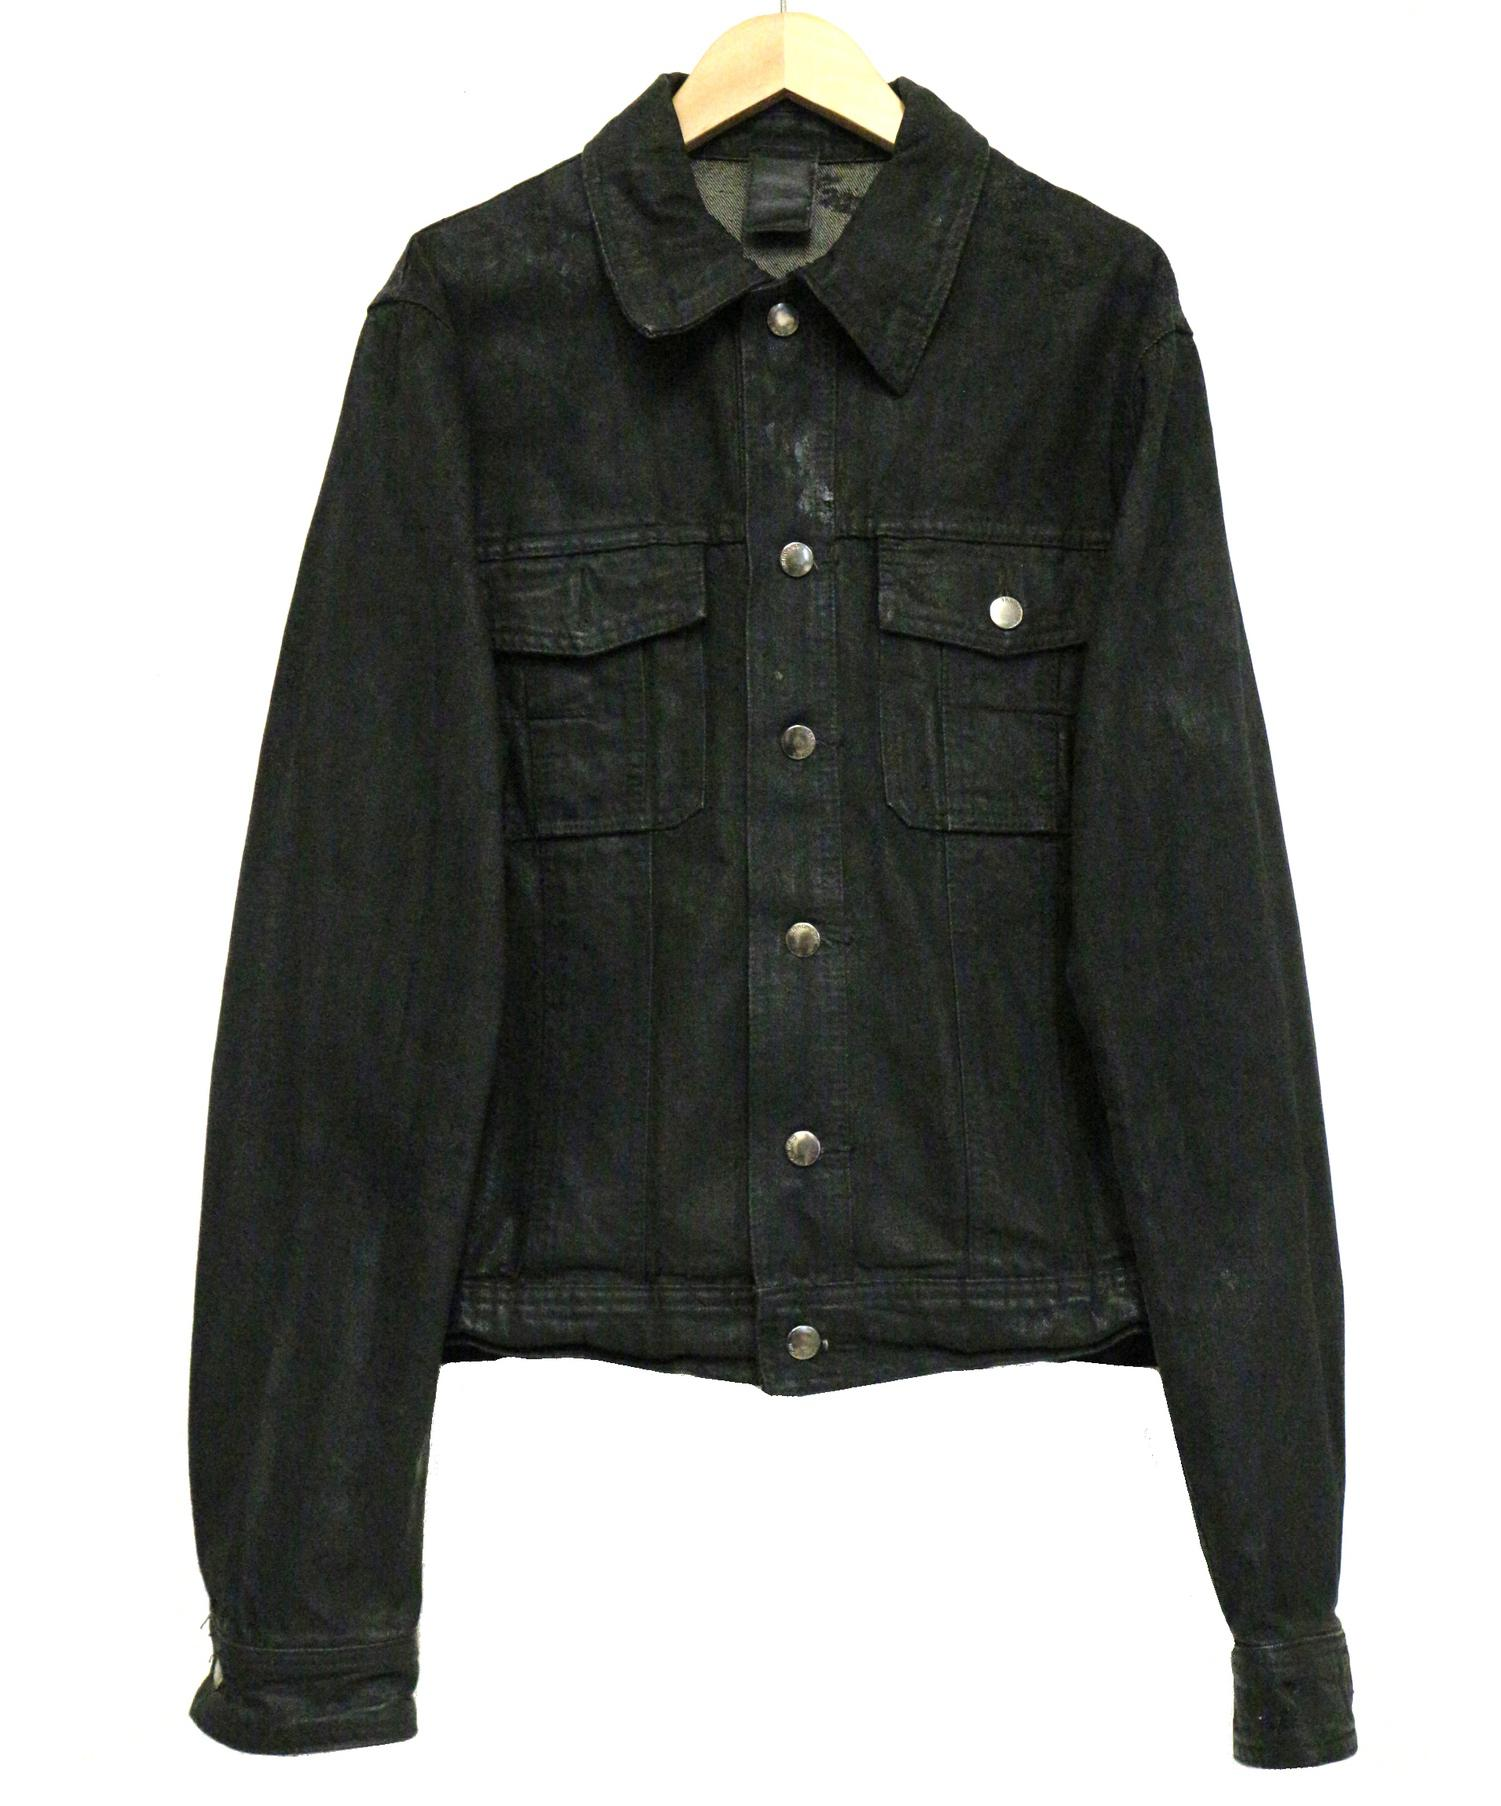 promo code a9364 1acb9 [中古]Christian Dior(クリスチャンディオール)のメンズ アウター・ジャケット コーティング加工デニムジャケット